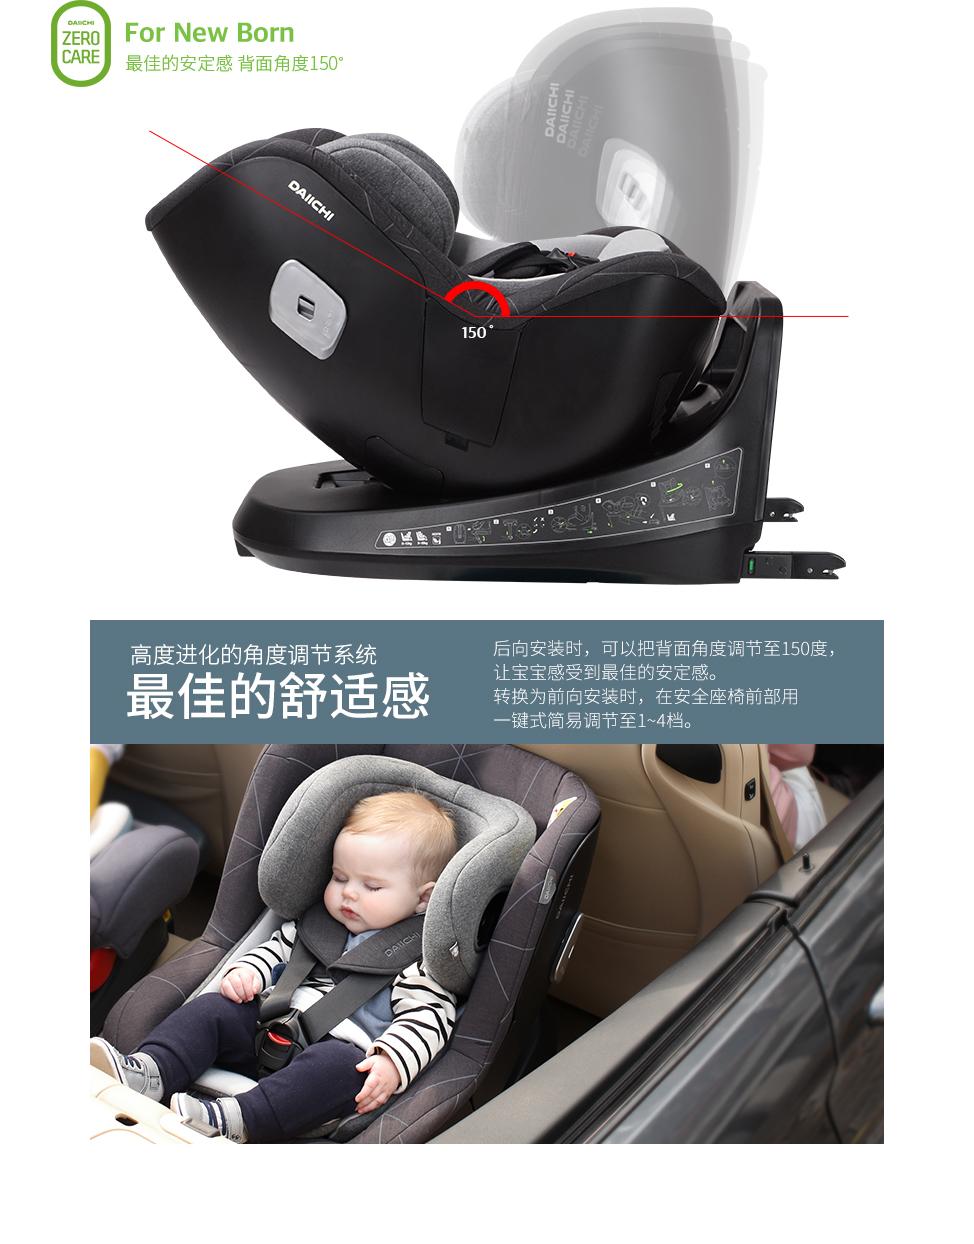 后向安装时,可以把背面角度调节至150度,让宝宝感受到最佳的安定感. 转换为前向安装时,在安全座椅前部用一键式简易调节至1~4档